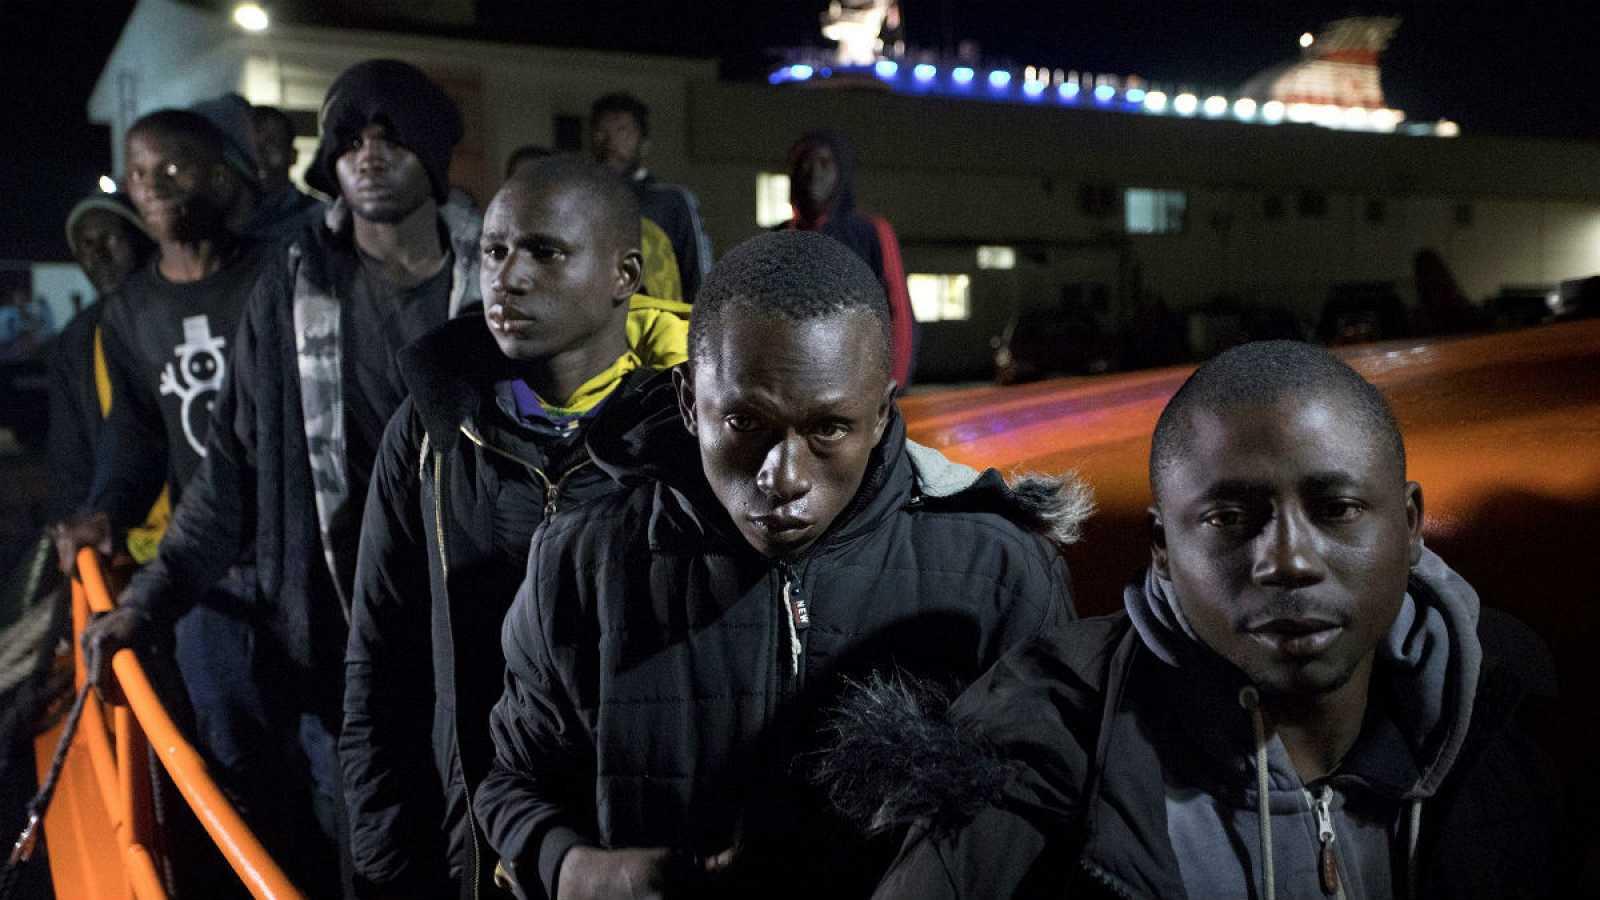 Llegada al puerto de Motril, en Granada, de 66 personas, entre ellas nueve mujeres y al menos tres menores, que han sido rescatados unas 32 millas al sur de Motril por Salvamento Marítimo.